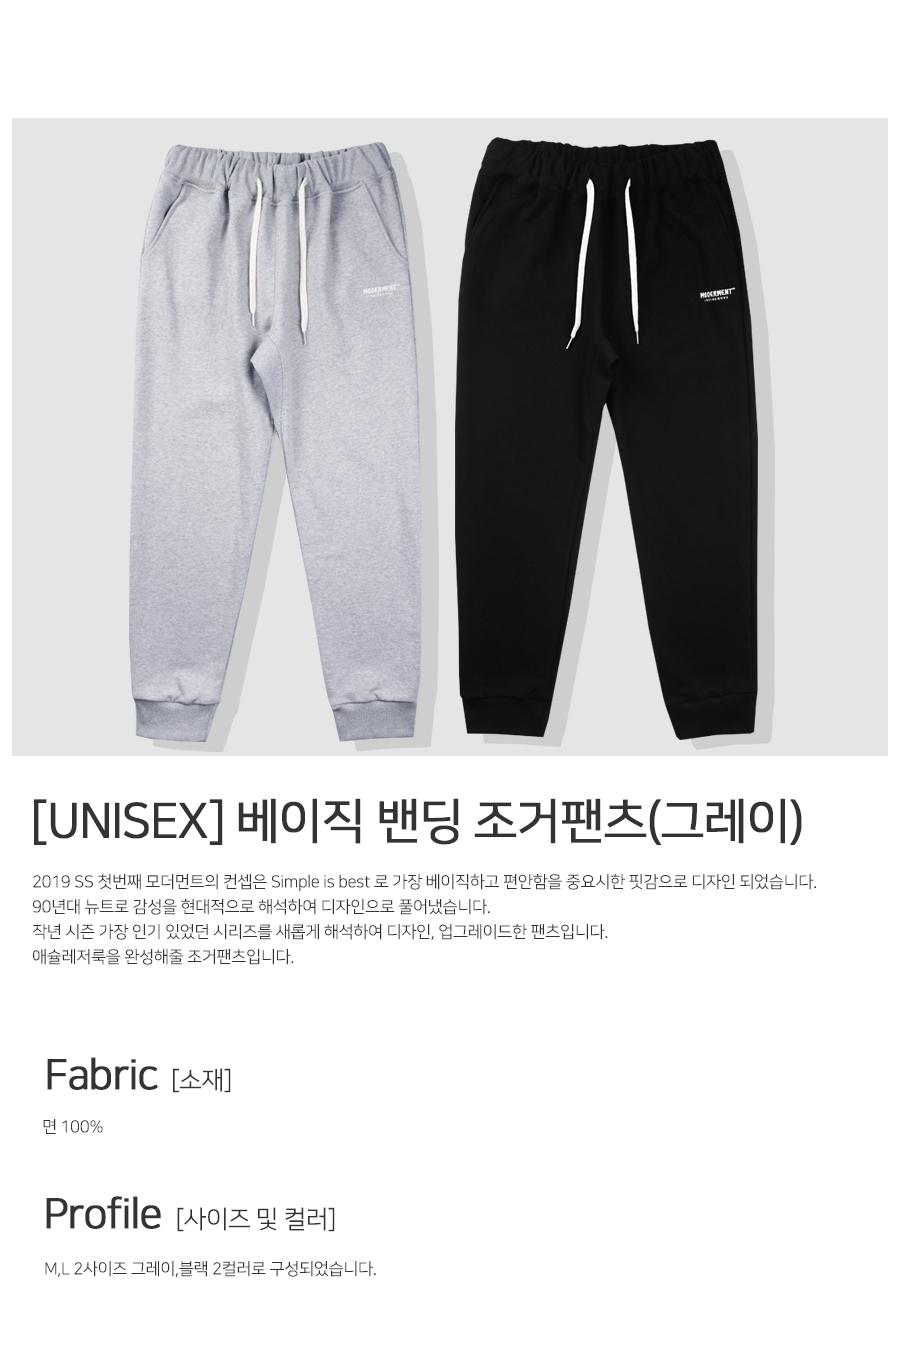 [모더먼트] UNISEX 베이직 밴딩 조거팬츠(그레이)